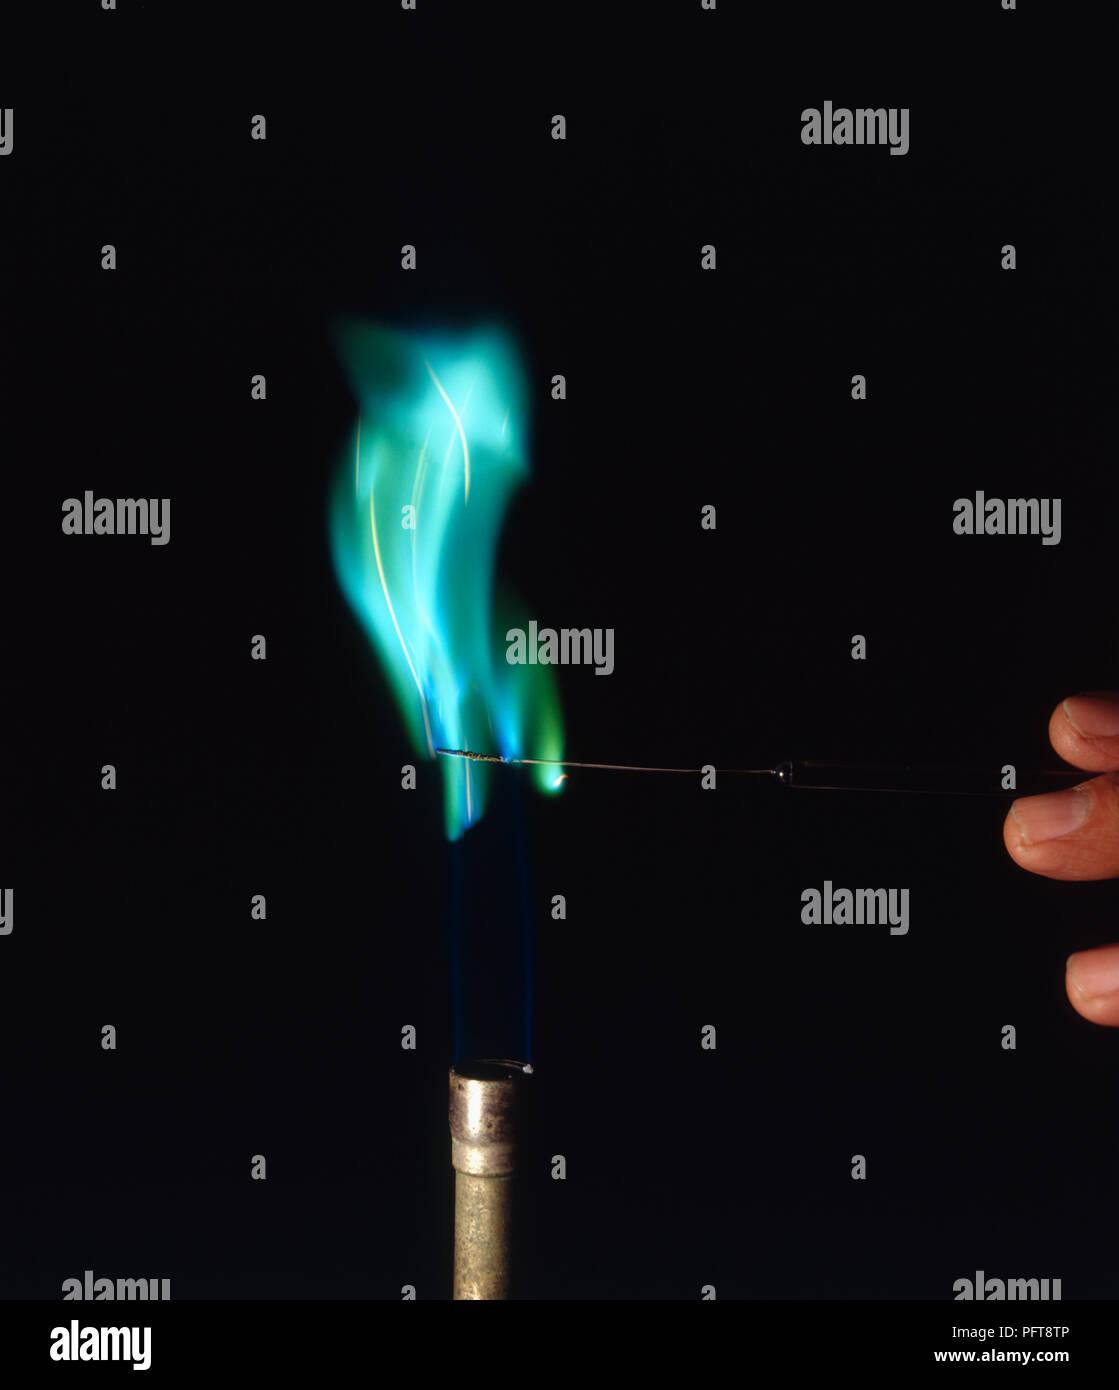 Bunsen Burner Flame Experiment Stock Photos Amp Bunsen Burner Flame Experiment Stock Images